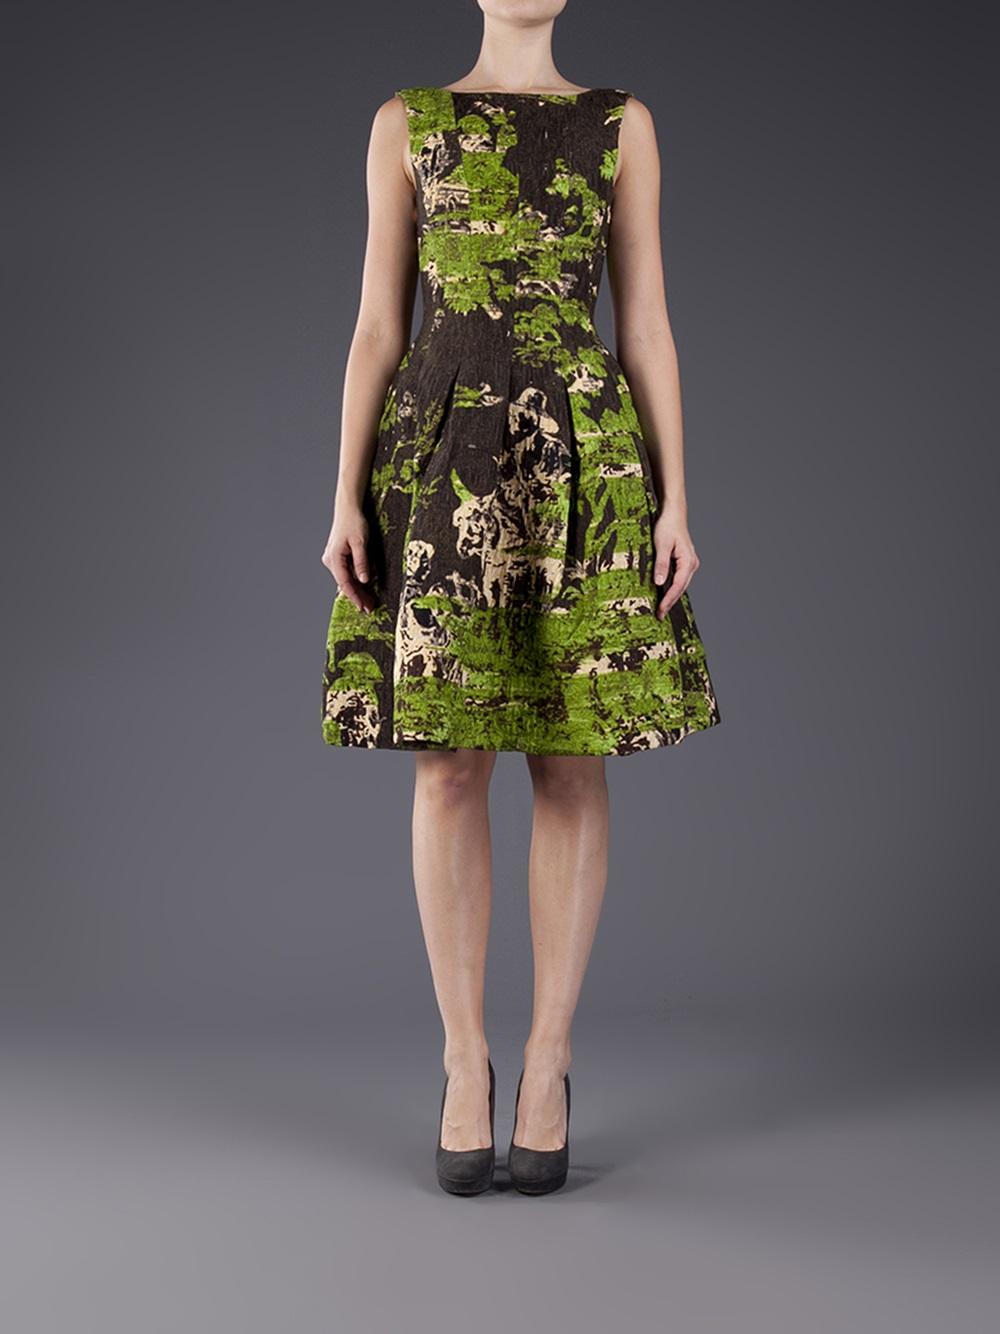 Oscar de la renta Flared Full Skirt Dress in Green